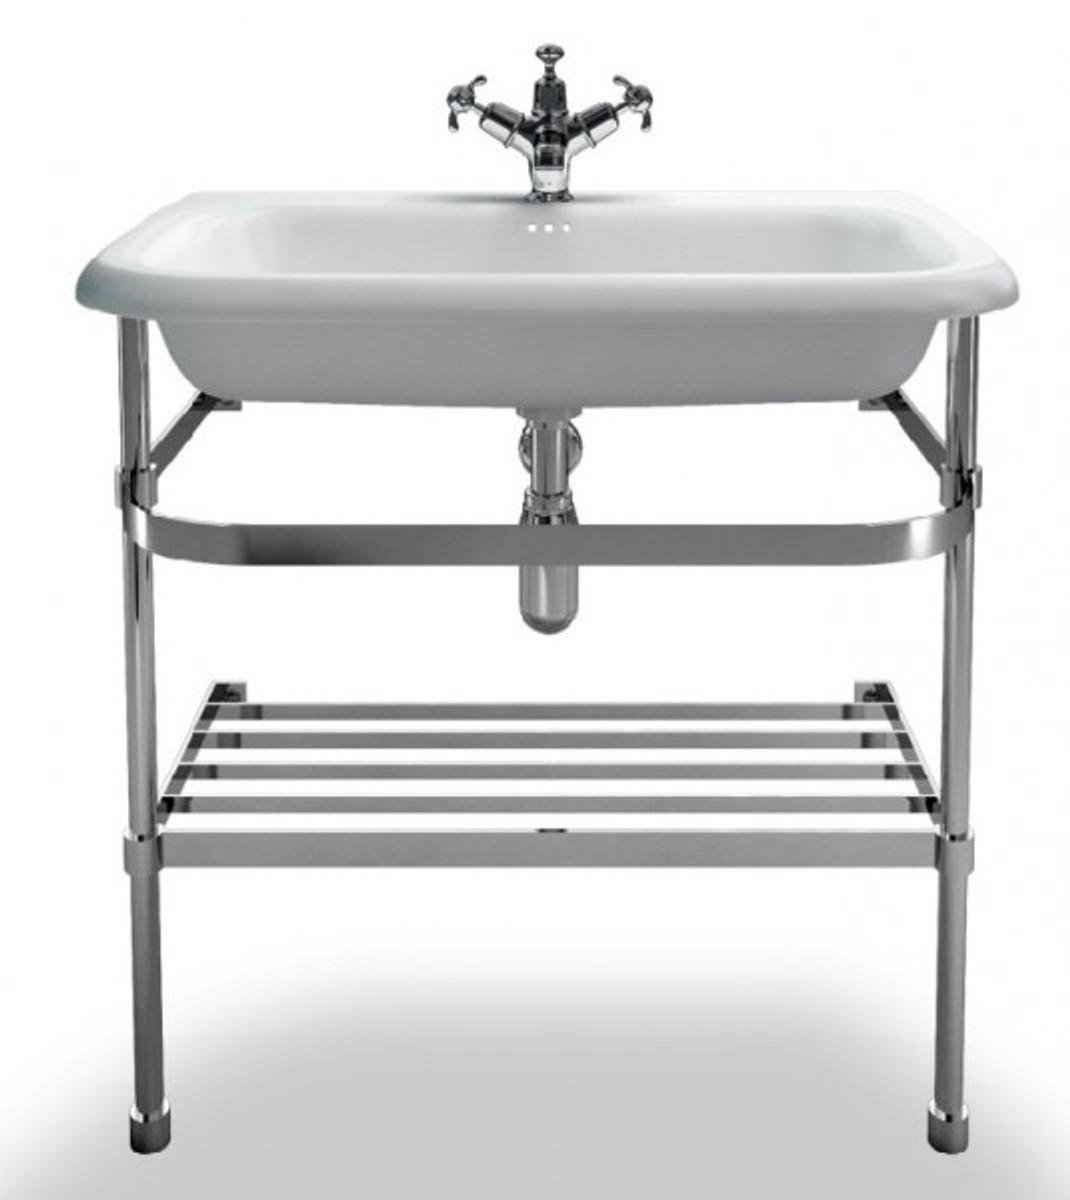 Casa padrino jugendstil stand waschtisch naturstein wei for Industriedesign wuppertal